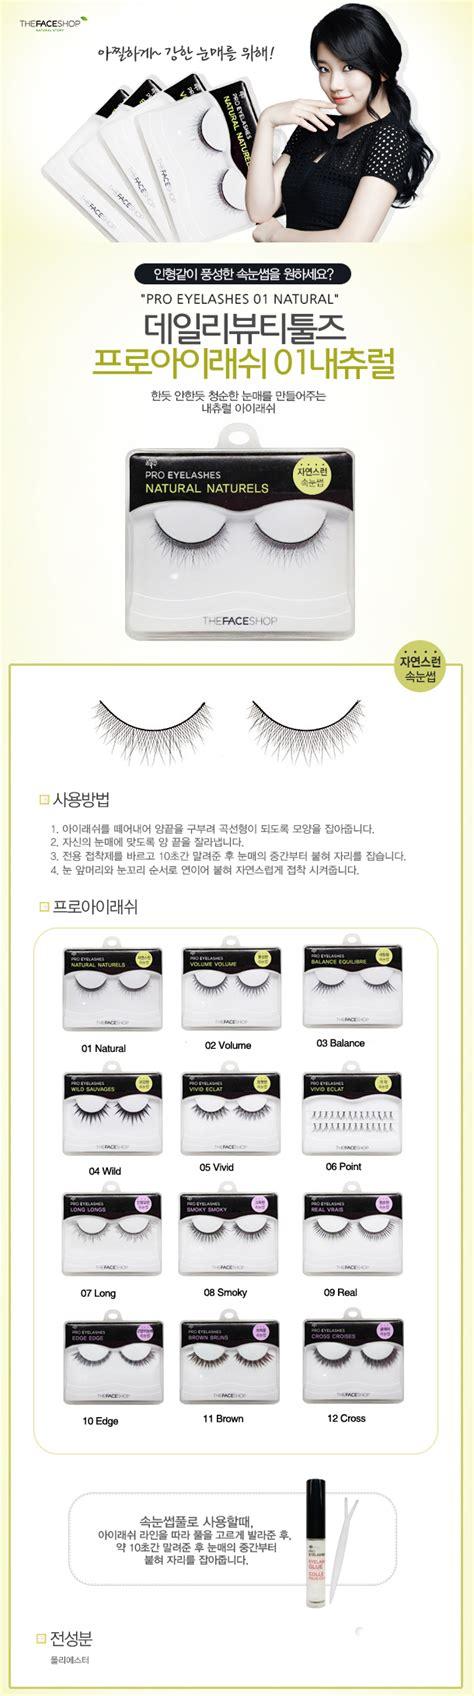 Thefaceshop Pro Eyelash Glue the shop pro eyelashes 7 12 false eyelash ebay